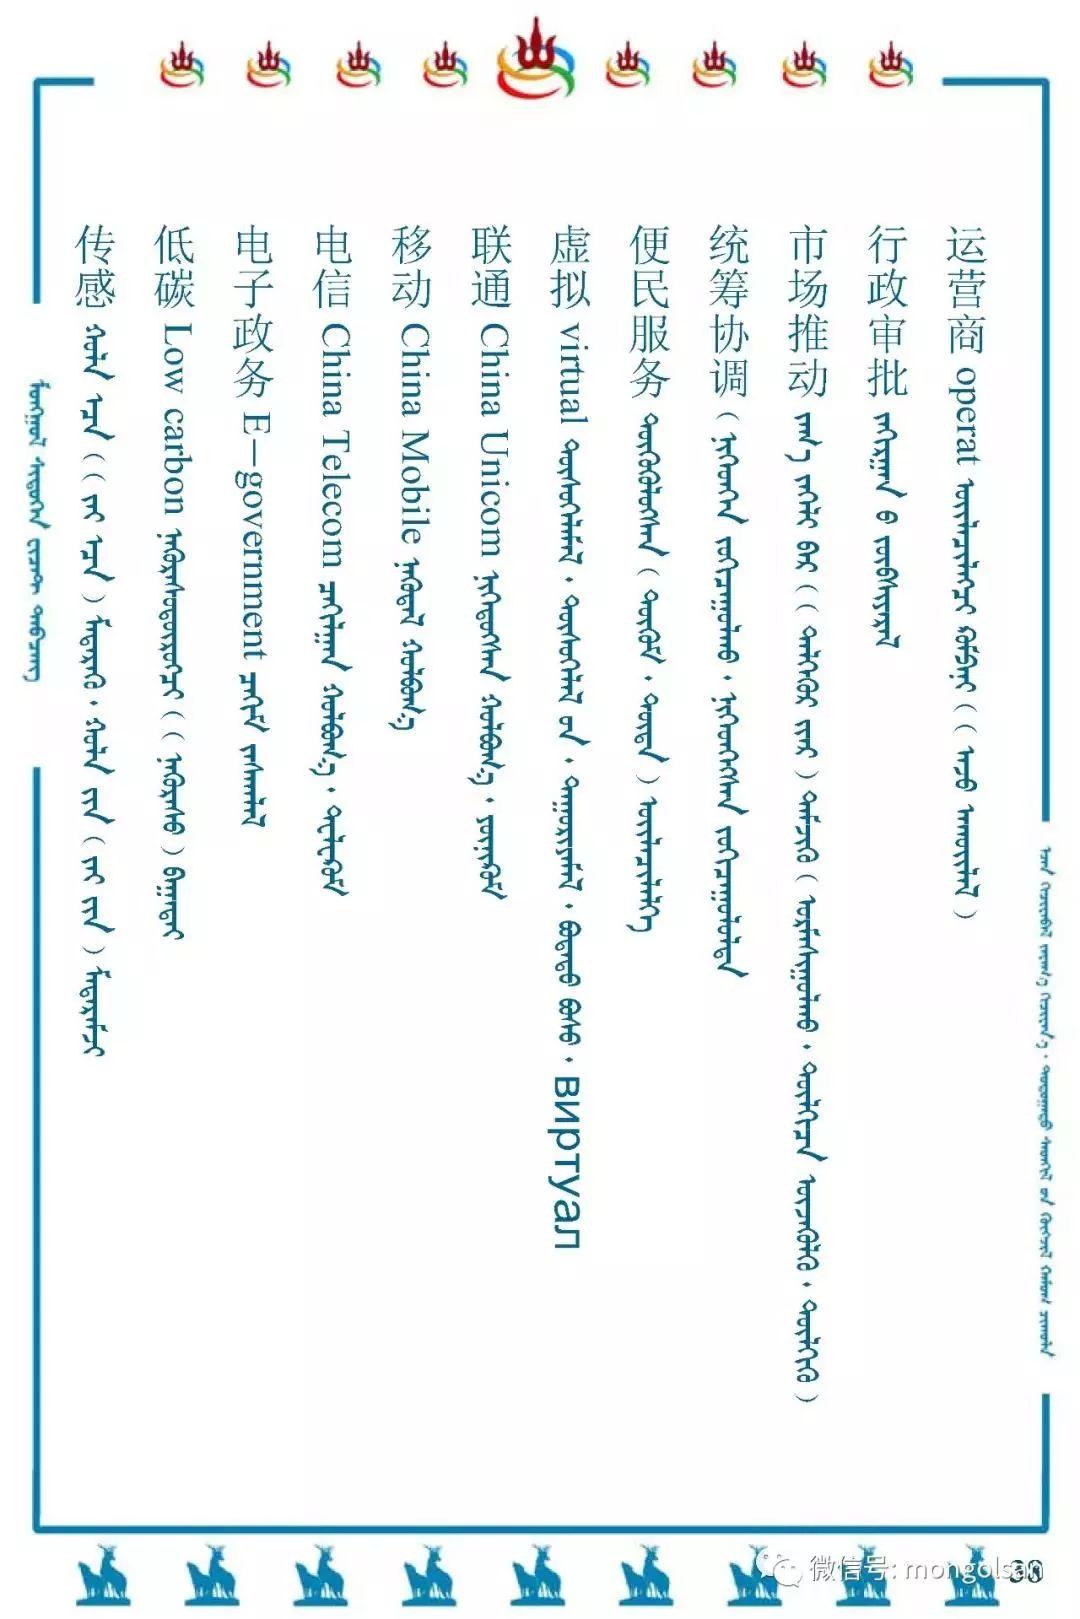 最新名词蒙古语翻译参考 第38张